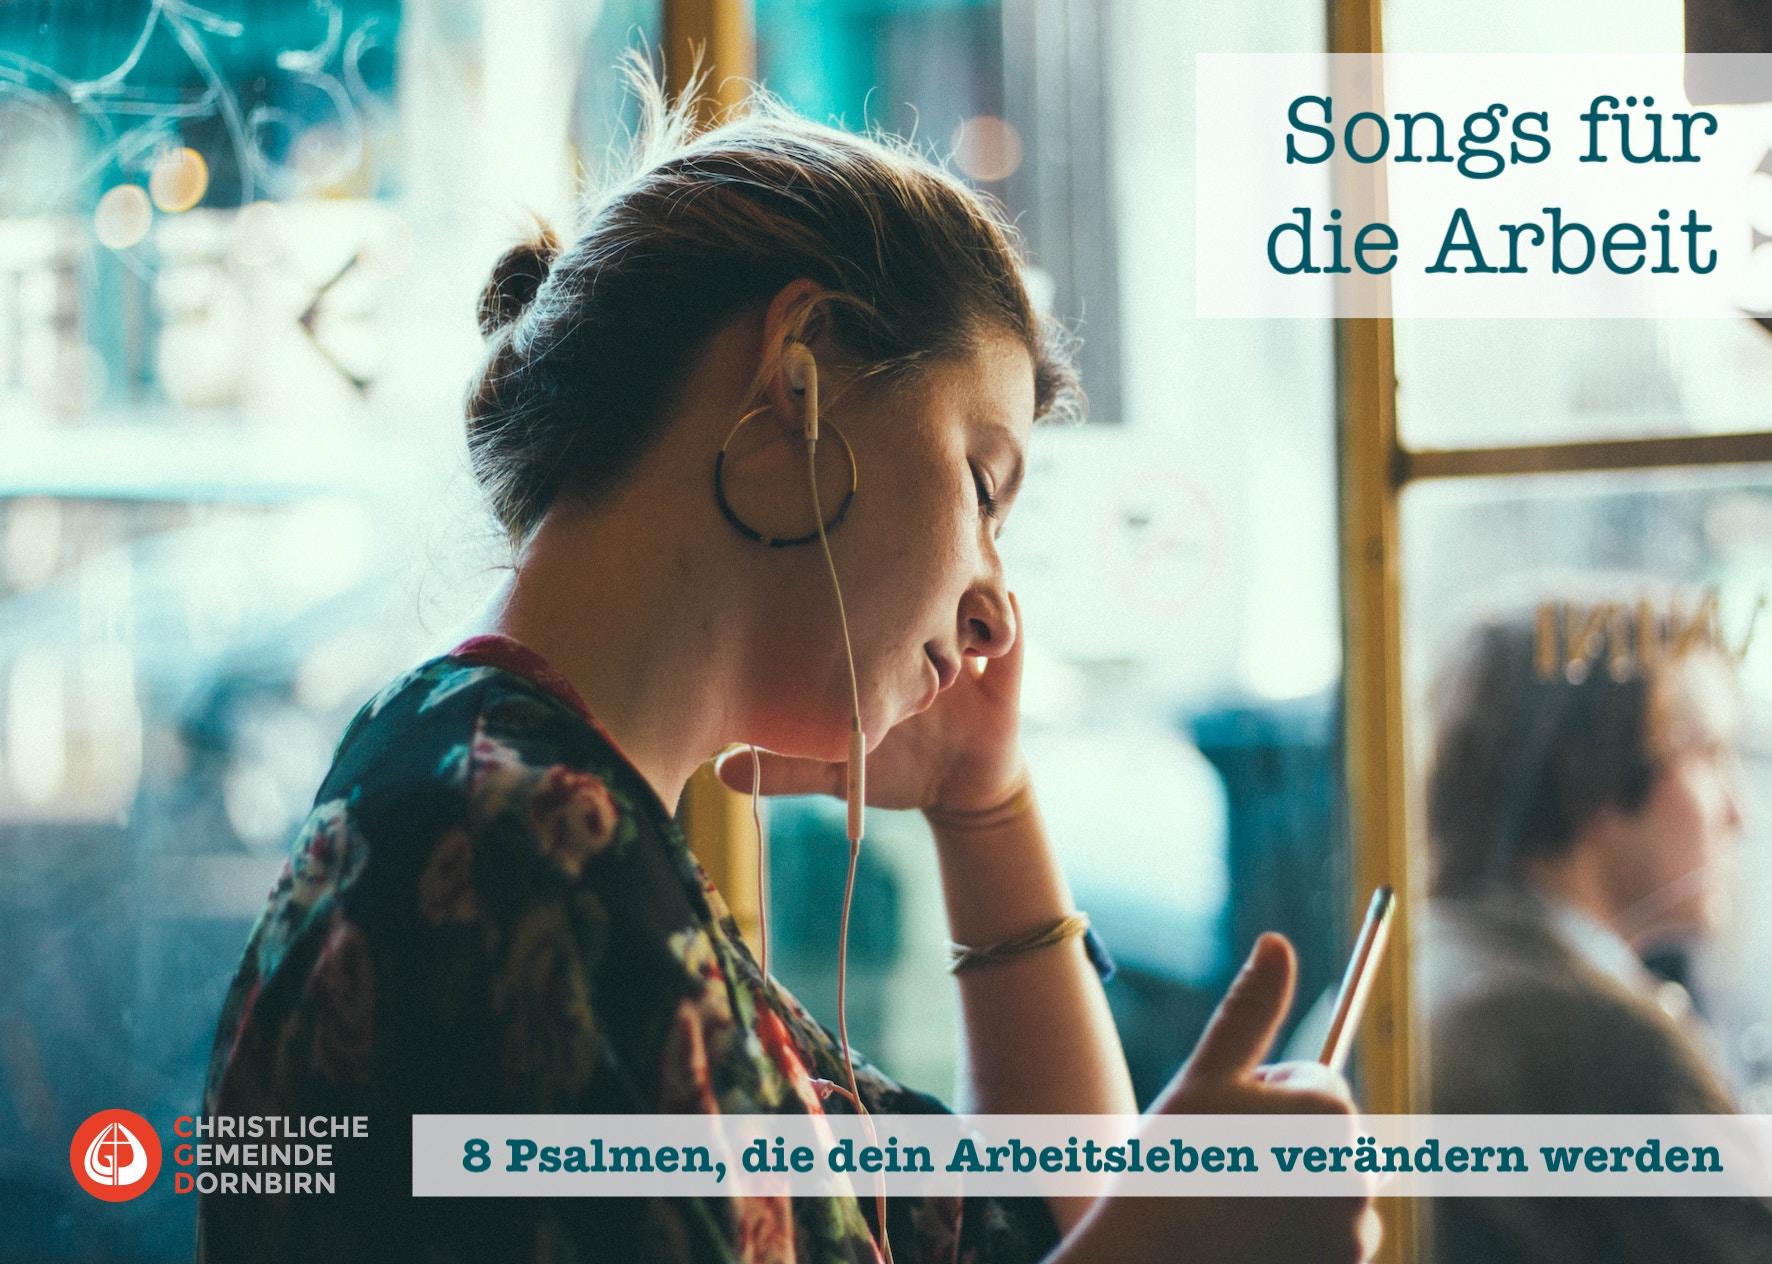 Songs für die Arbeit (Psalm 49)